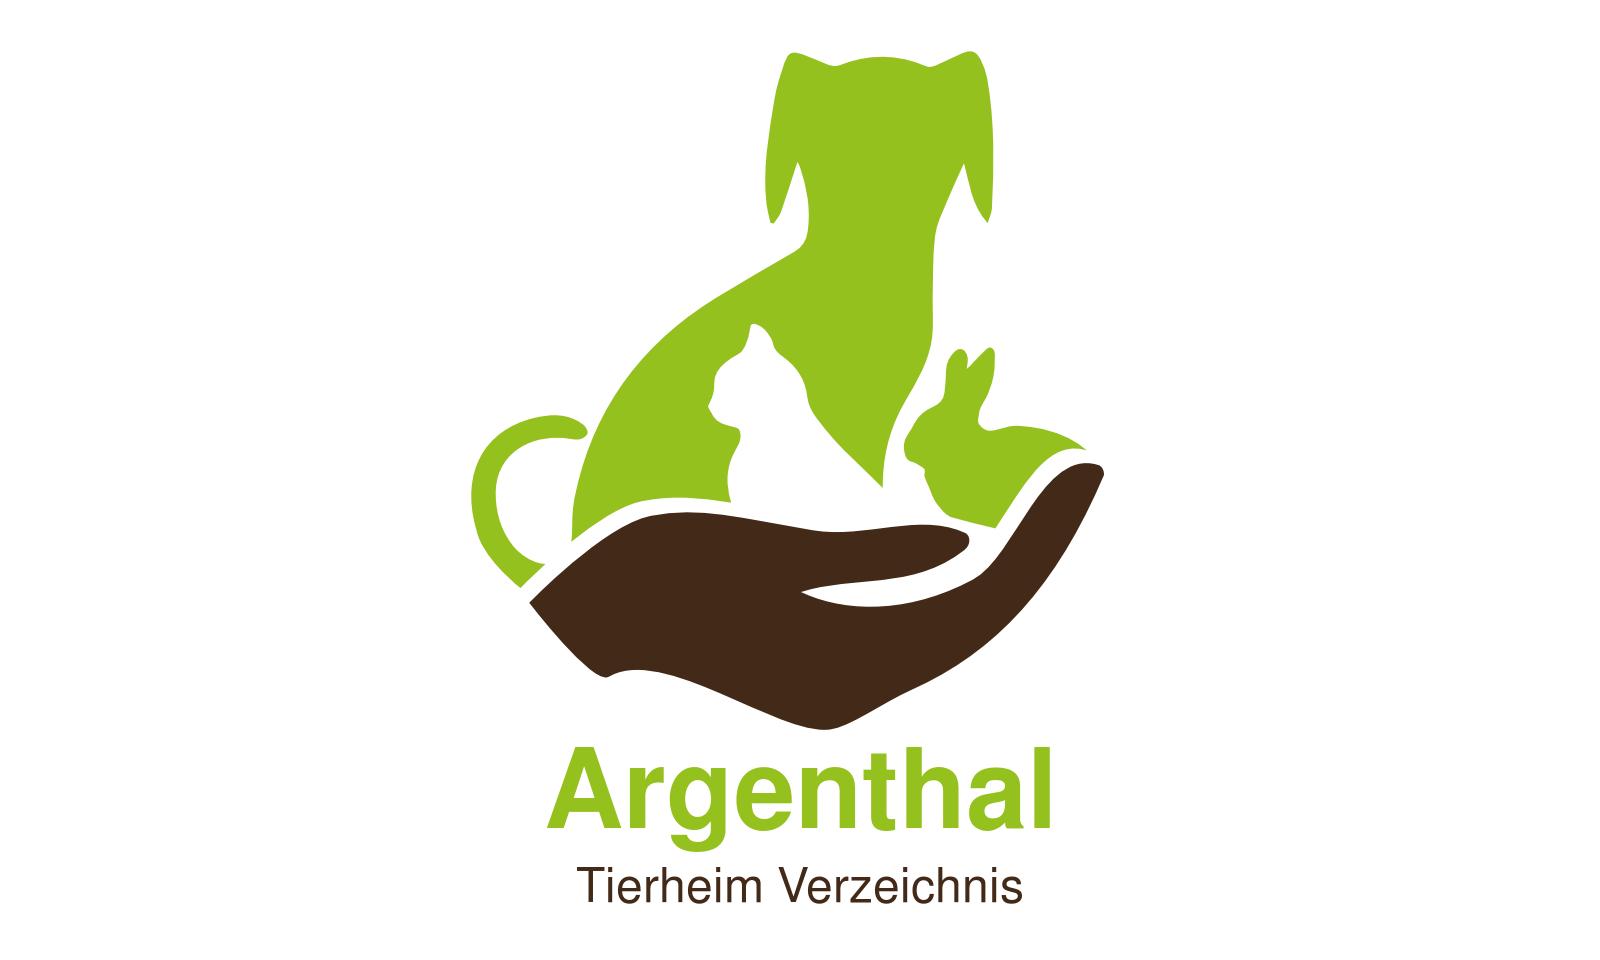 Tierheim Argenthal